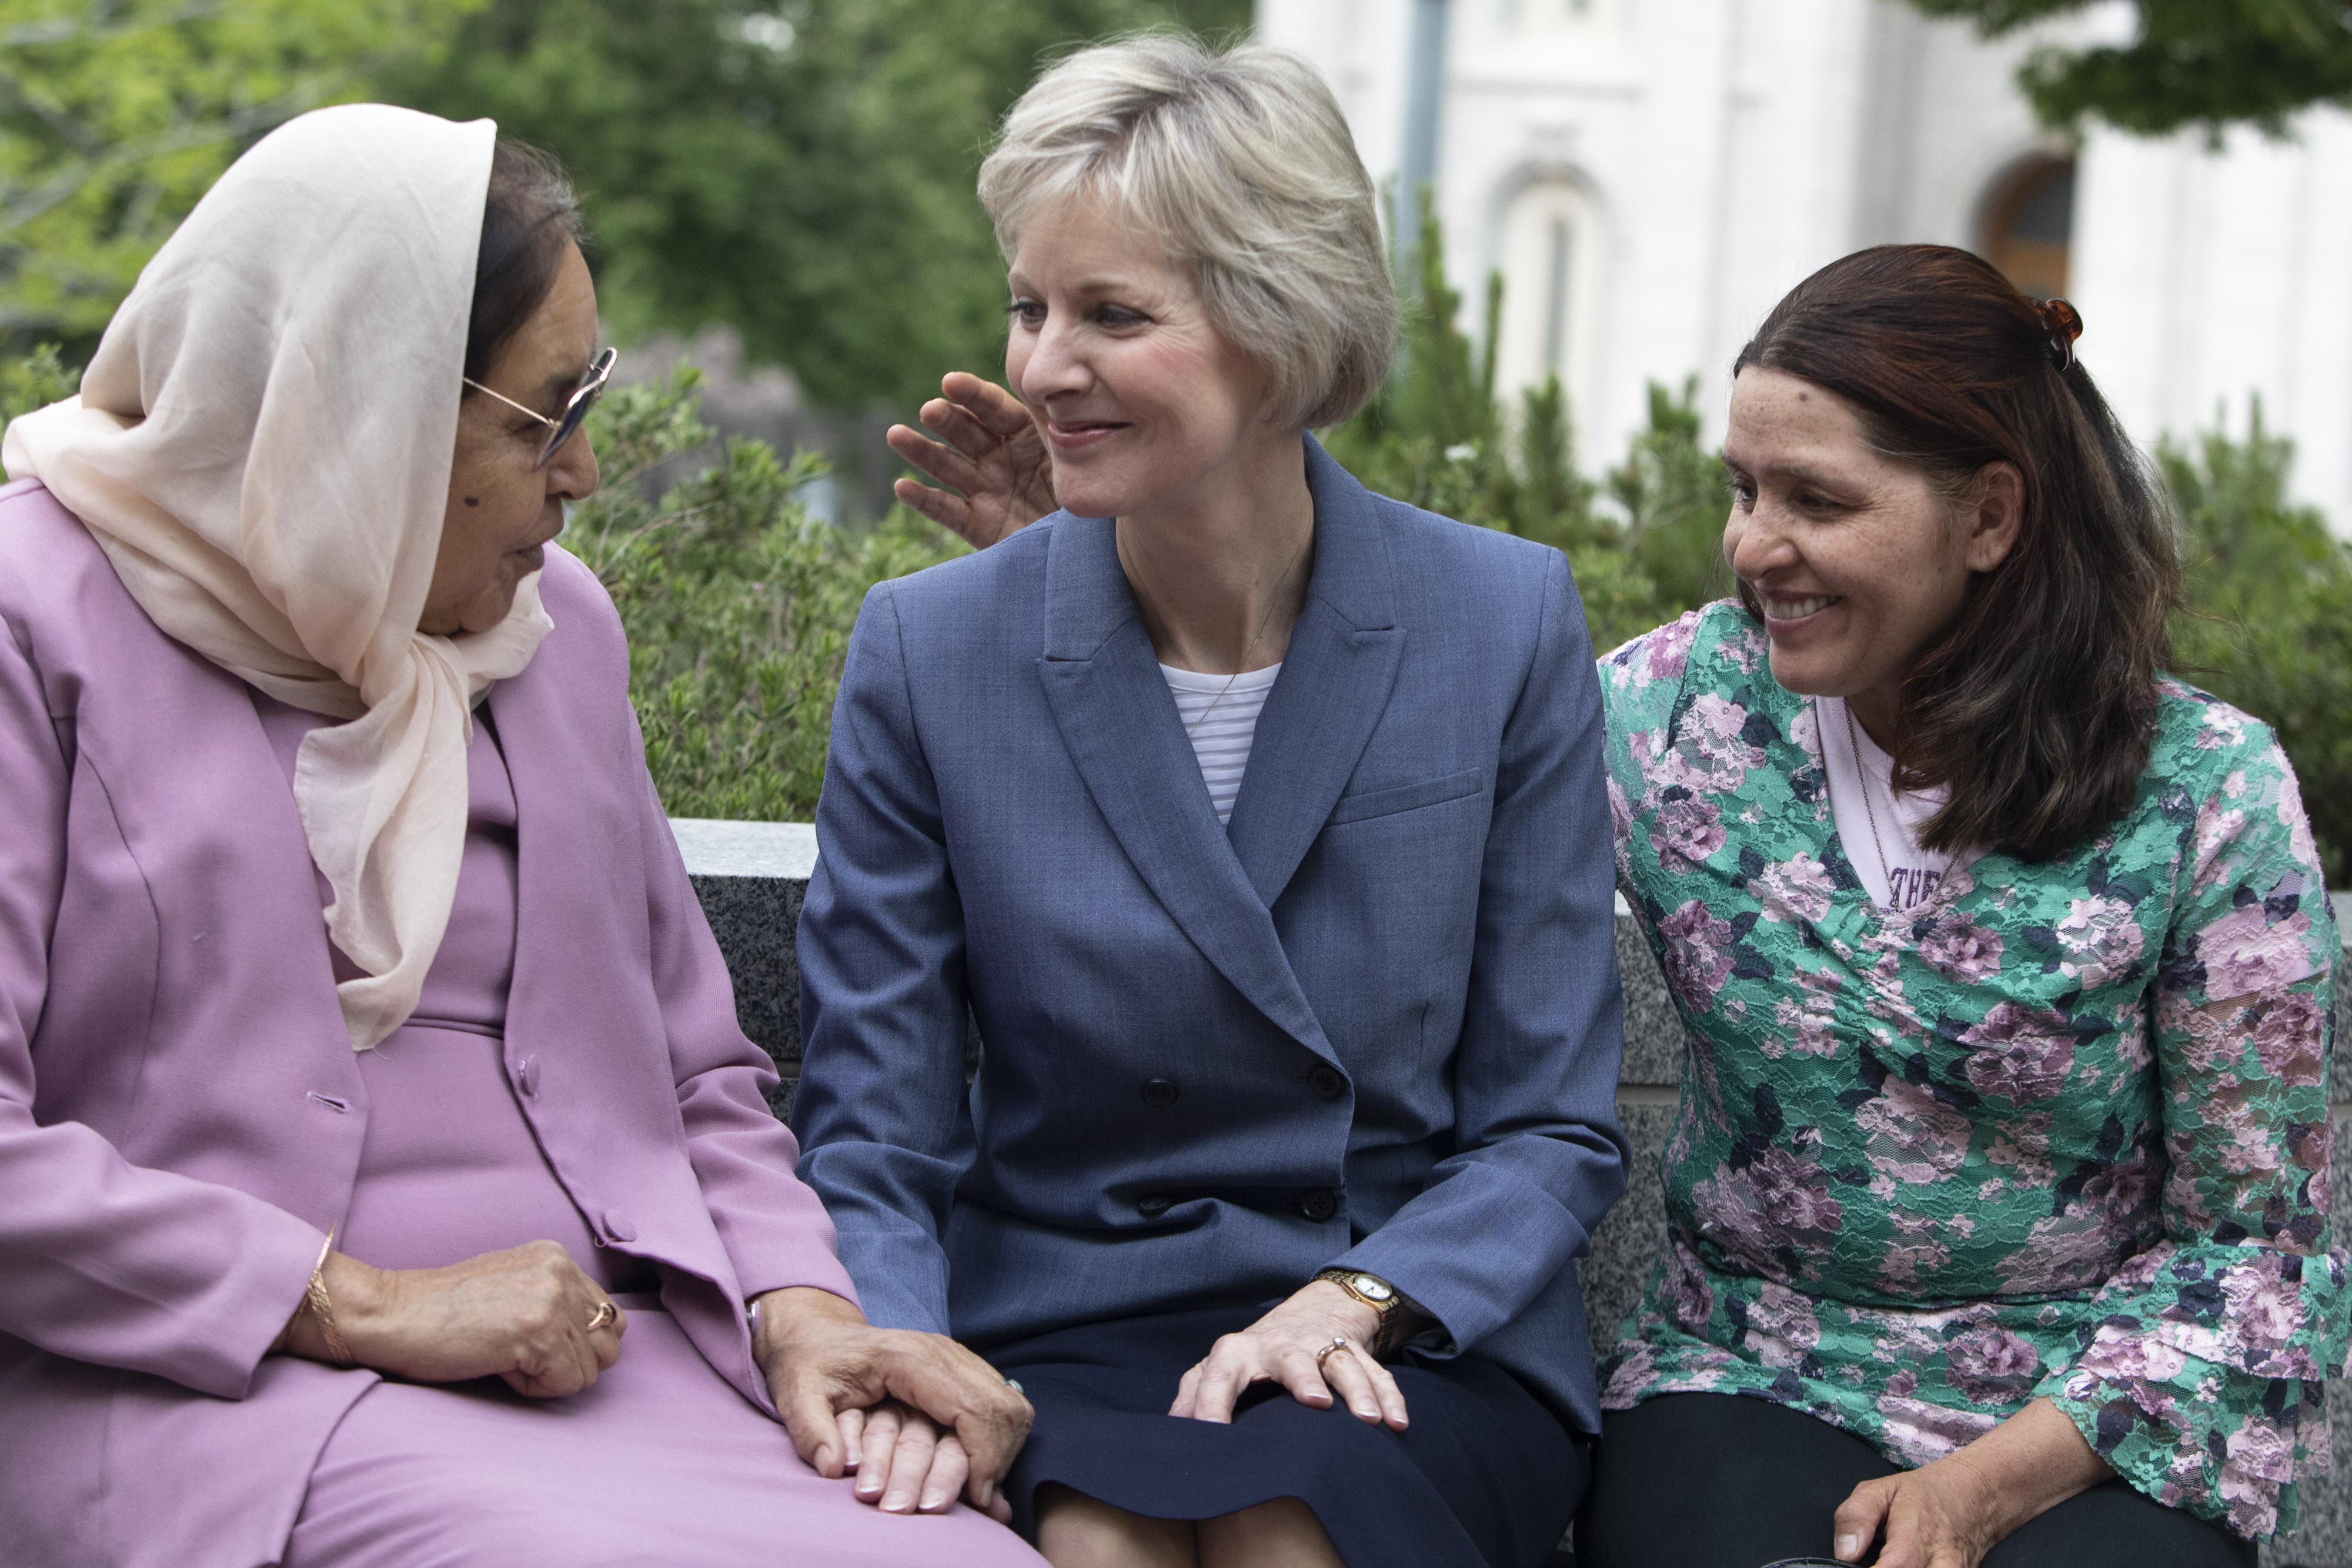 La hermana Jean B. Bingham se sienta con Asifa Nadir, izquierda, y Nadira Nadir fuera del Edificio de la Sociedad de Socorro en la Manzana del Templo antes de una entrevista con representantes de EE. UU. de ACNUR el 16 de mayo de 2019. La hermana Bingham y la familia Nadir, refugiados provenientes de Afganistán, se conocen desde hace aproximadamente 15 años.